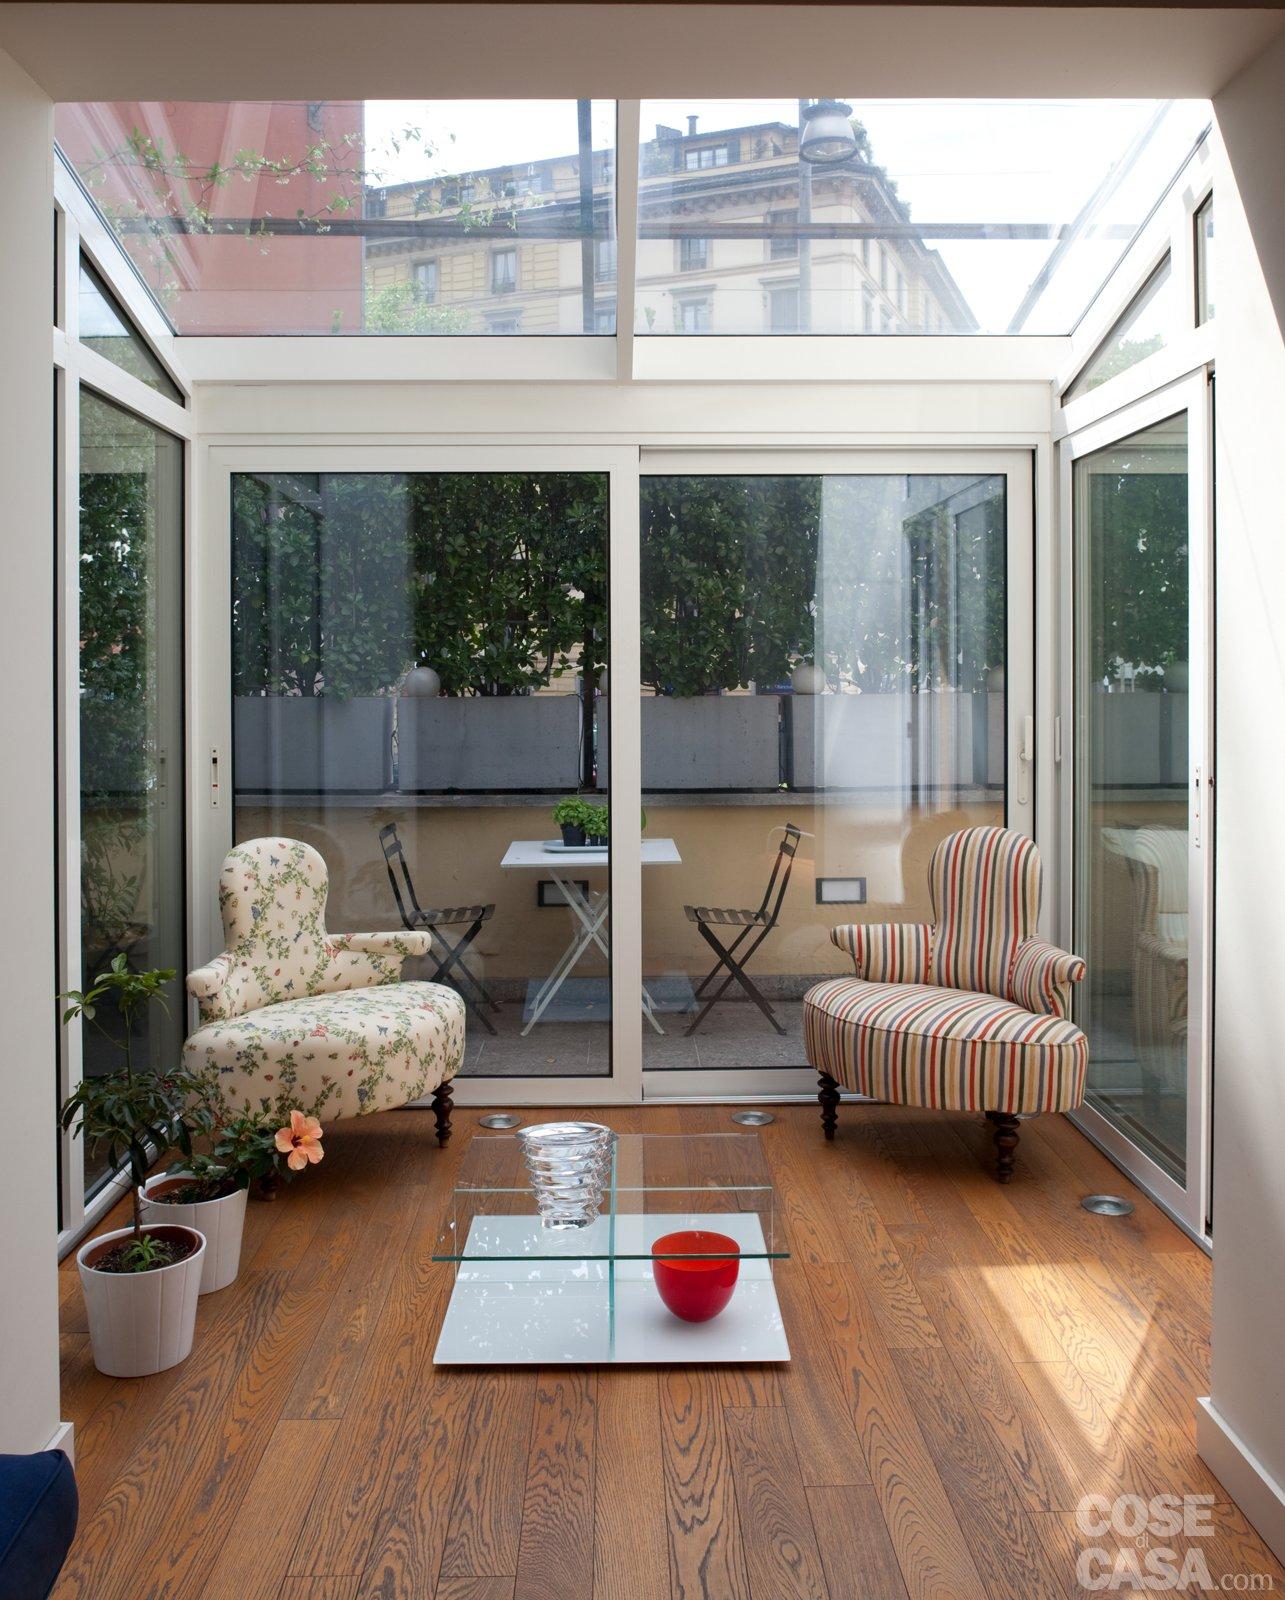 casabook immobiliare 70 mq casa con veranda